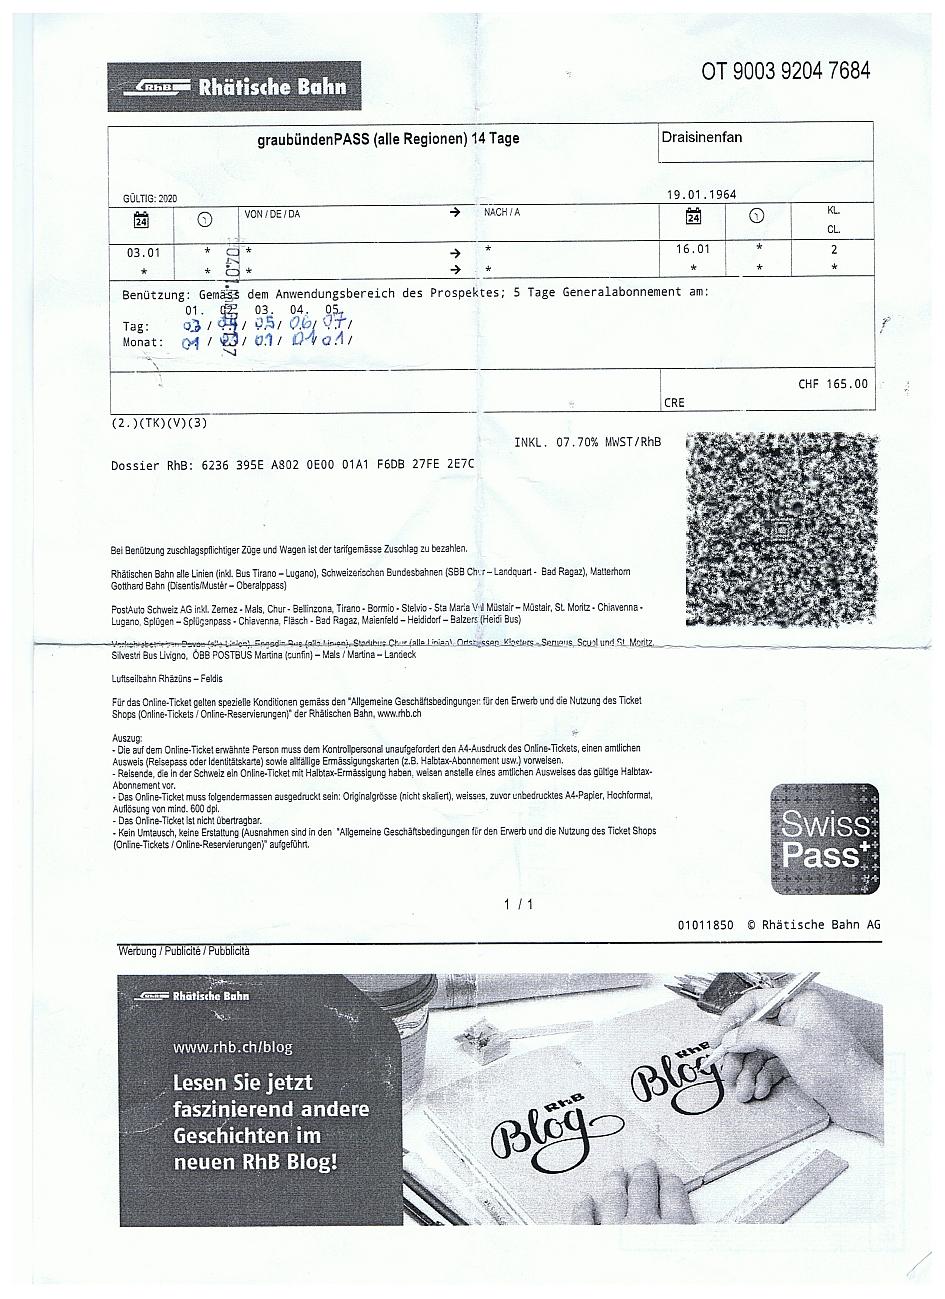 http://abload.de/img/fahrkarten_schweiz-a8zjt0.jpg